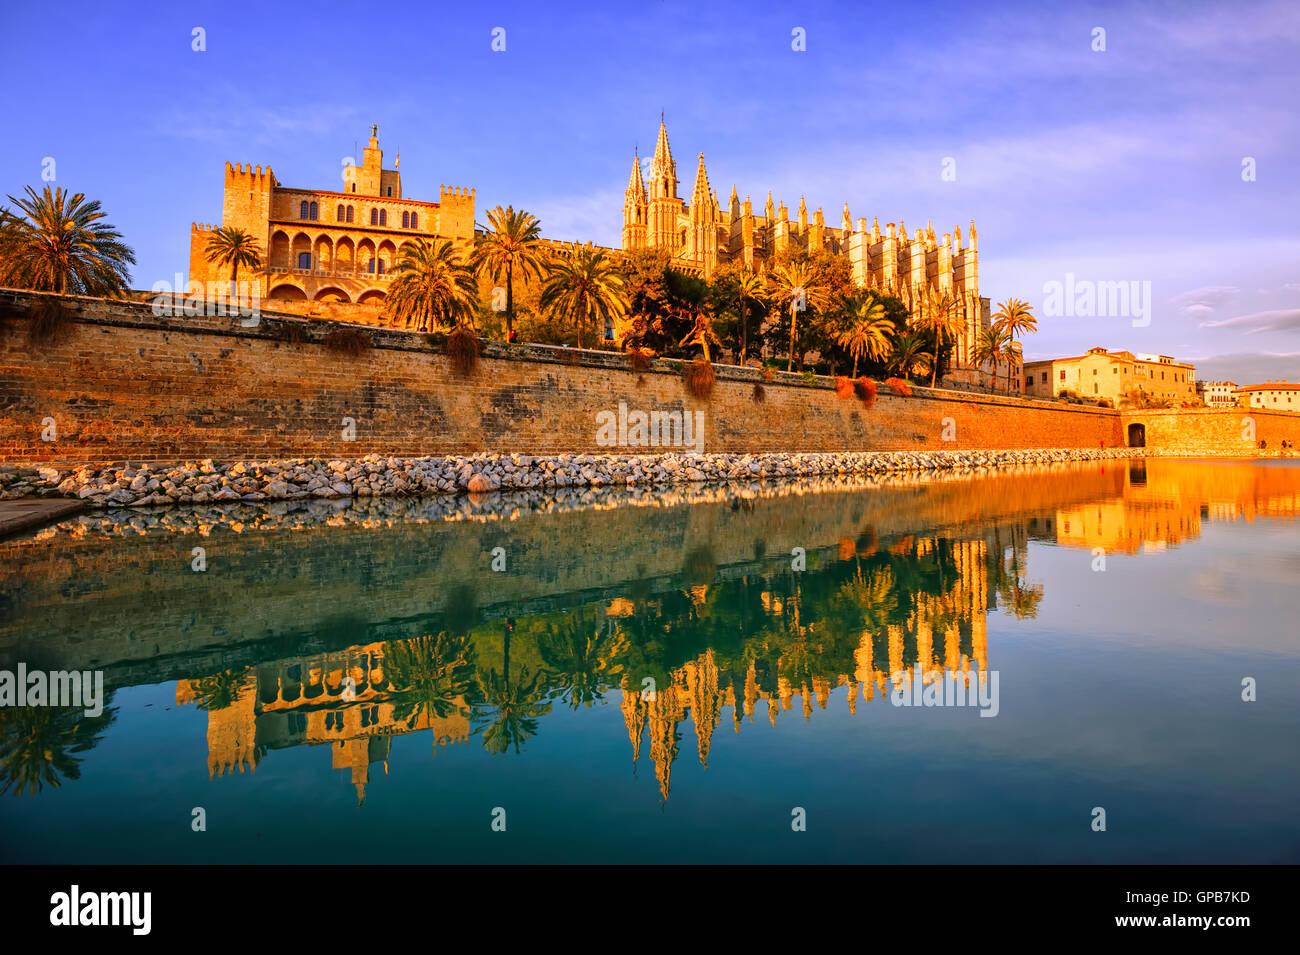 La catedral gótica de La Seu en Palma de Mallorca, España, reflejándose en el agua del lago en la Imagen De Stock